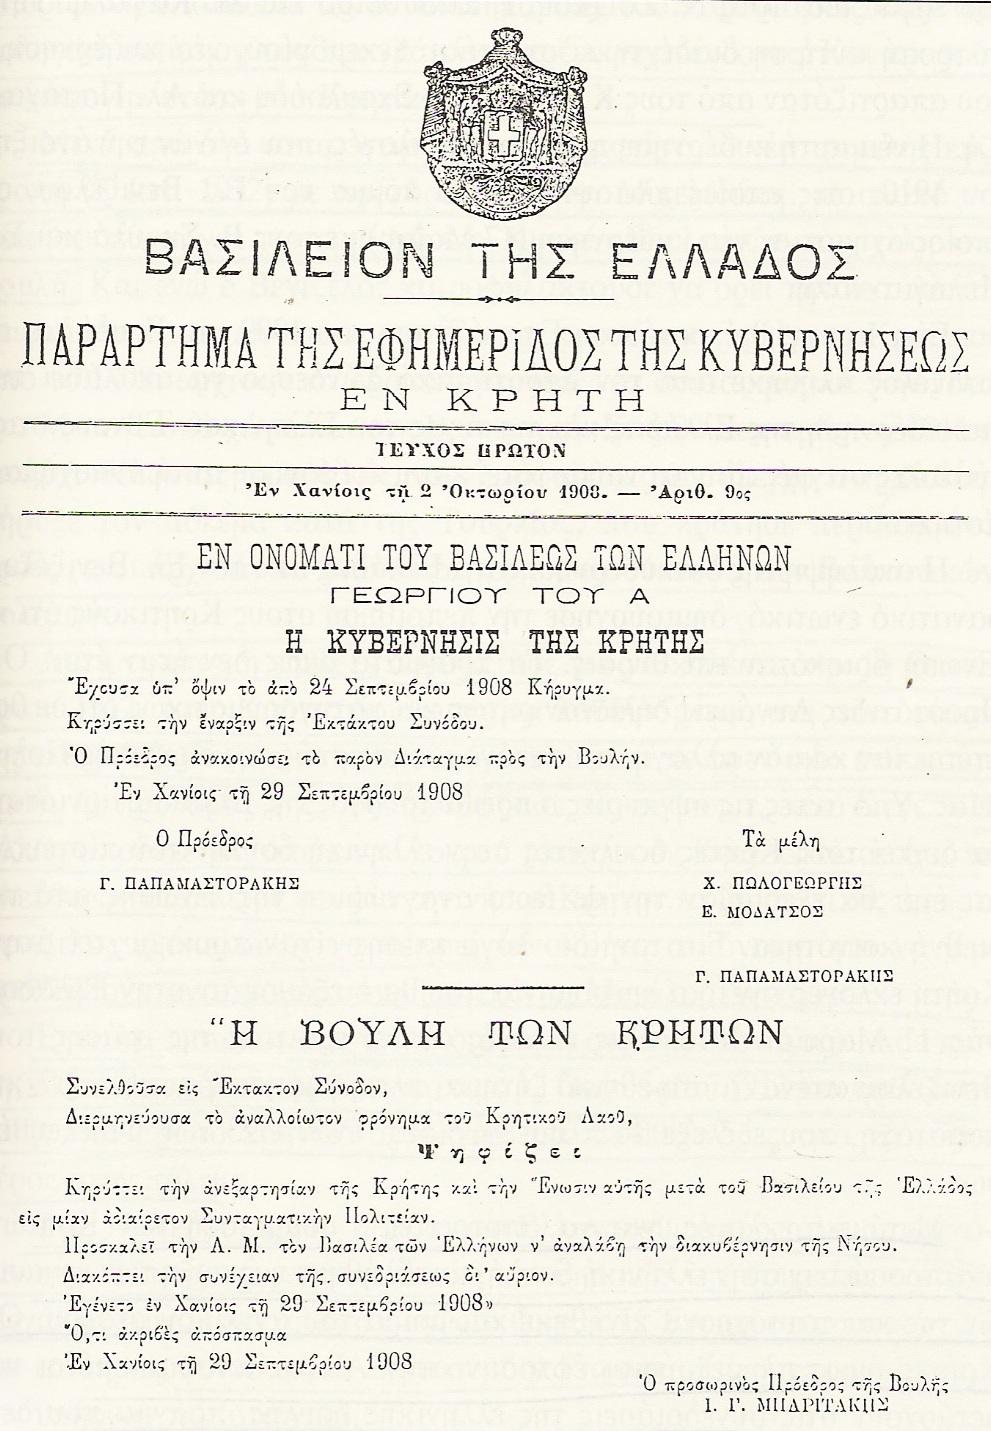 +1908 Enwtiko Psifisma